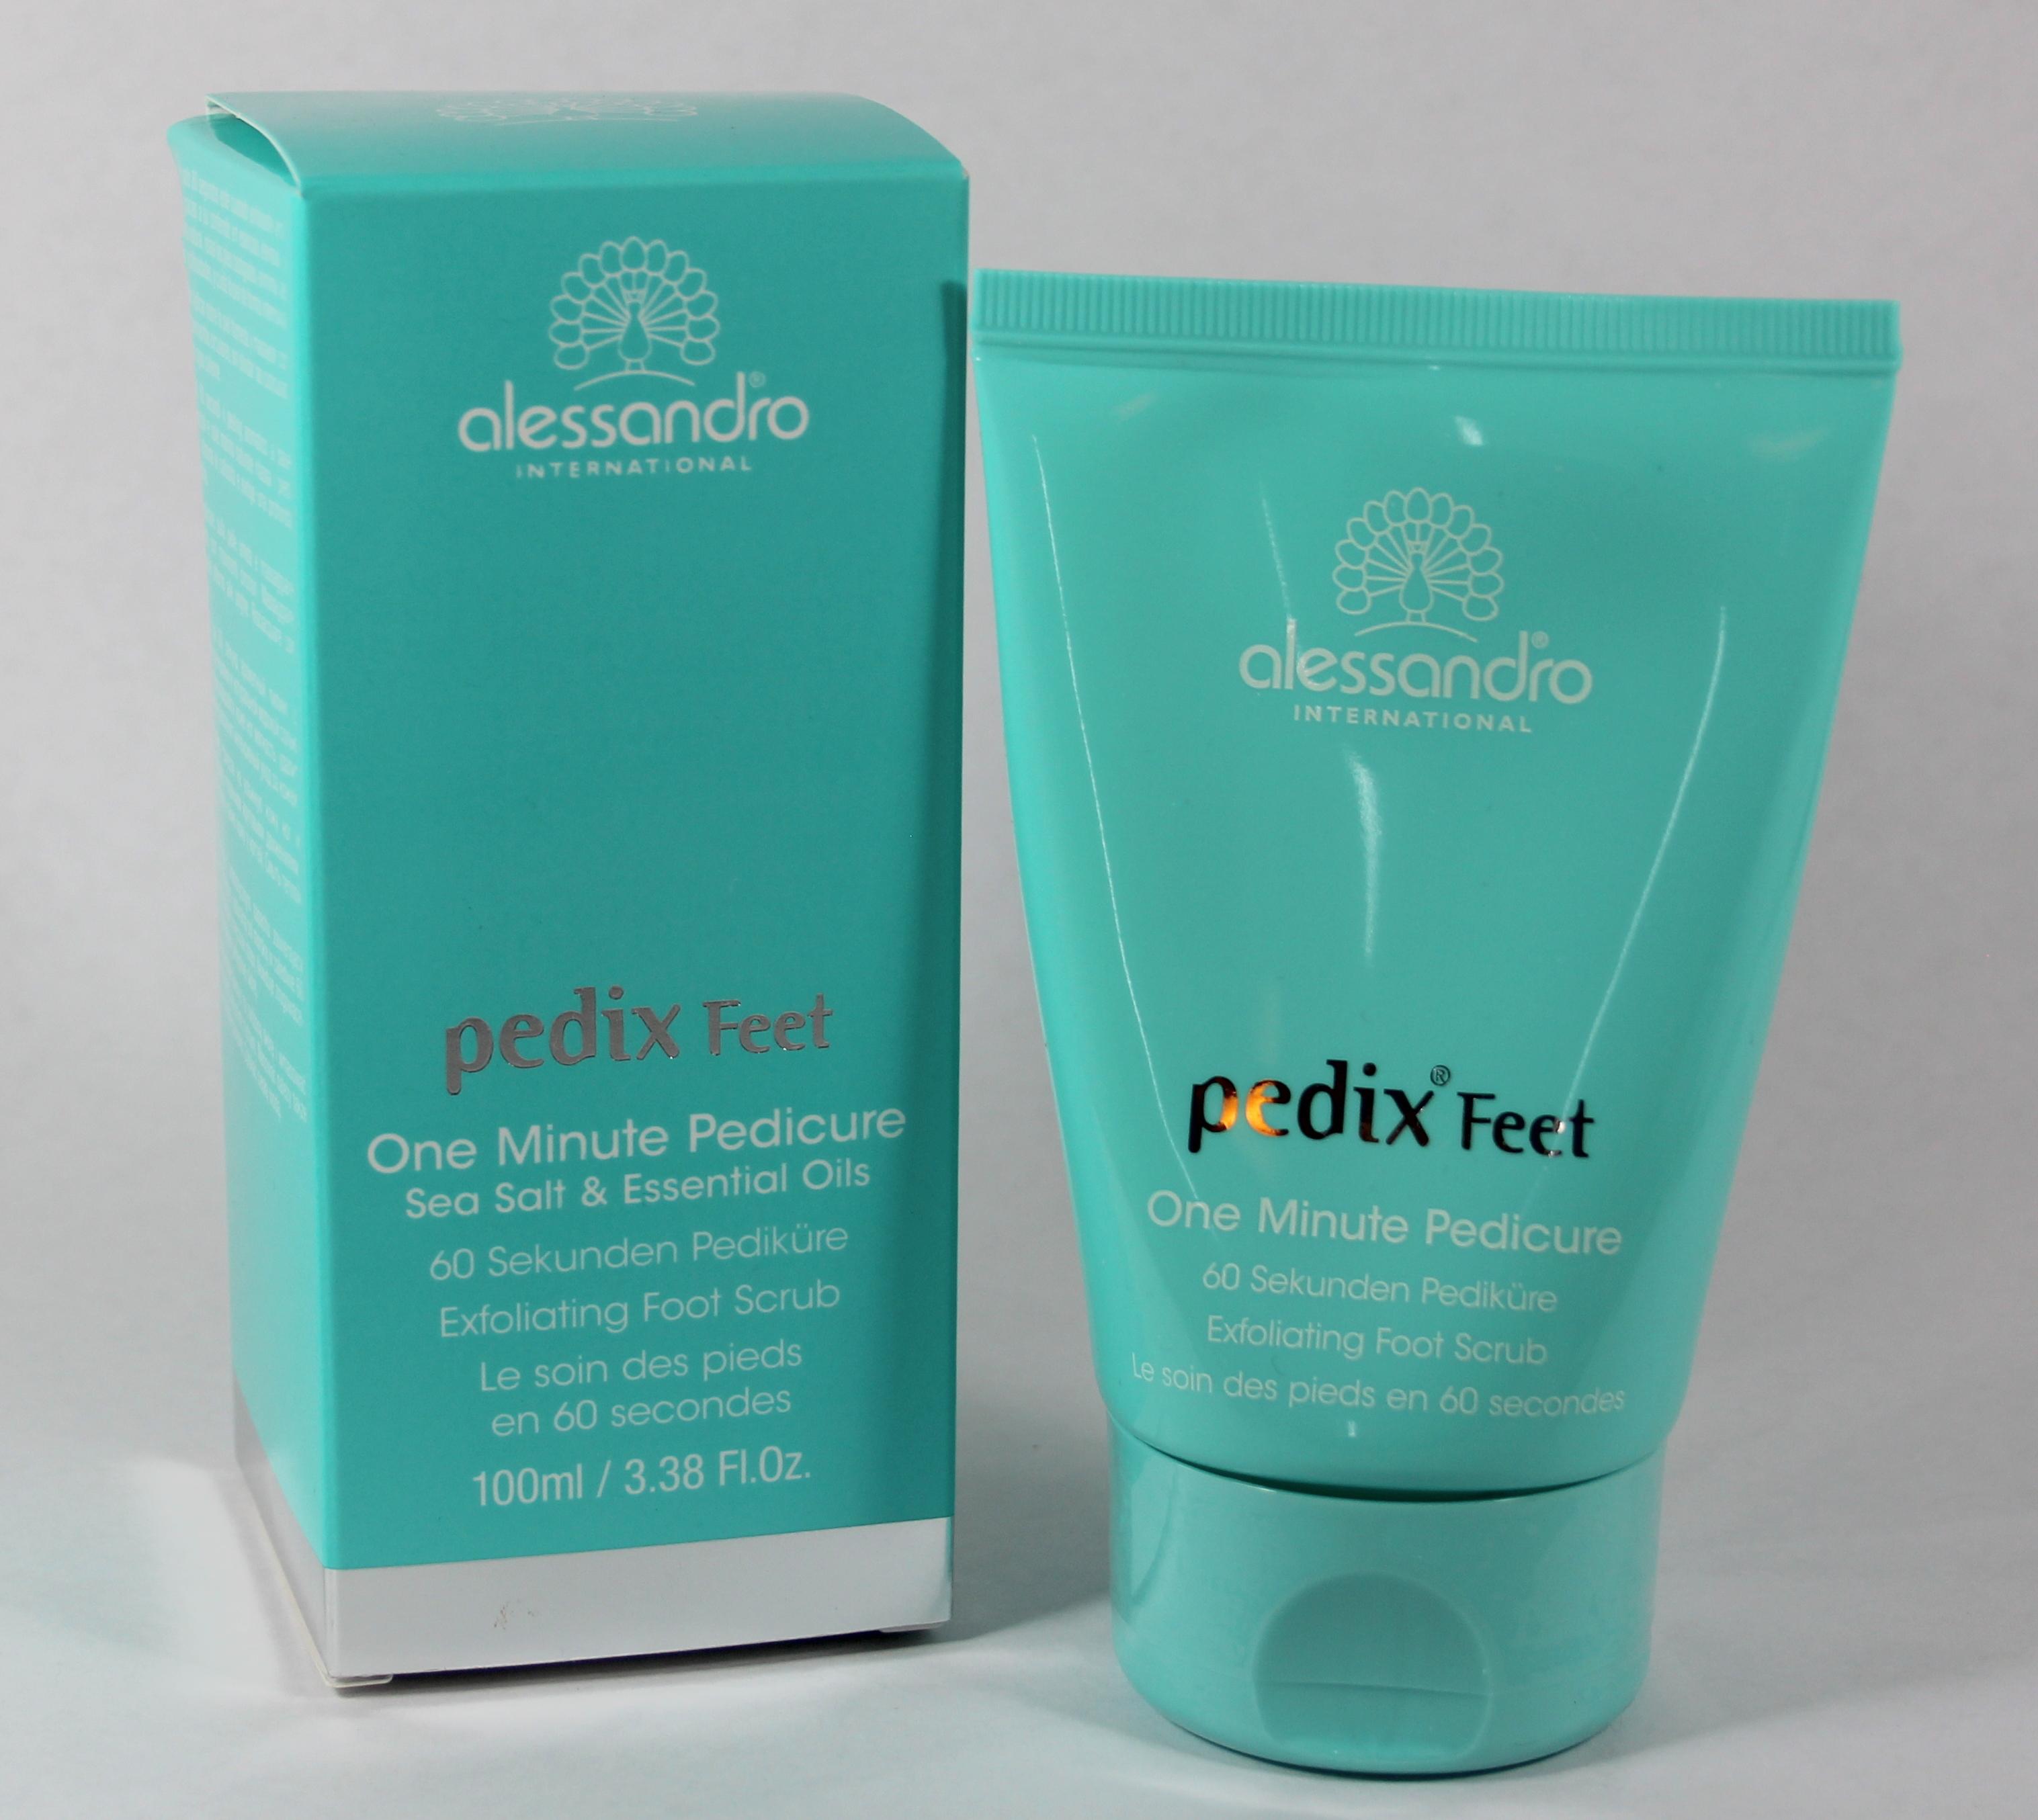 Pedix Feet One Minute Pedicure Exfoliating Foot Scrub